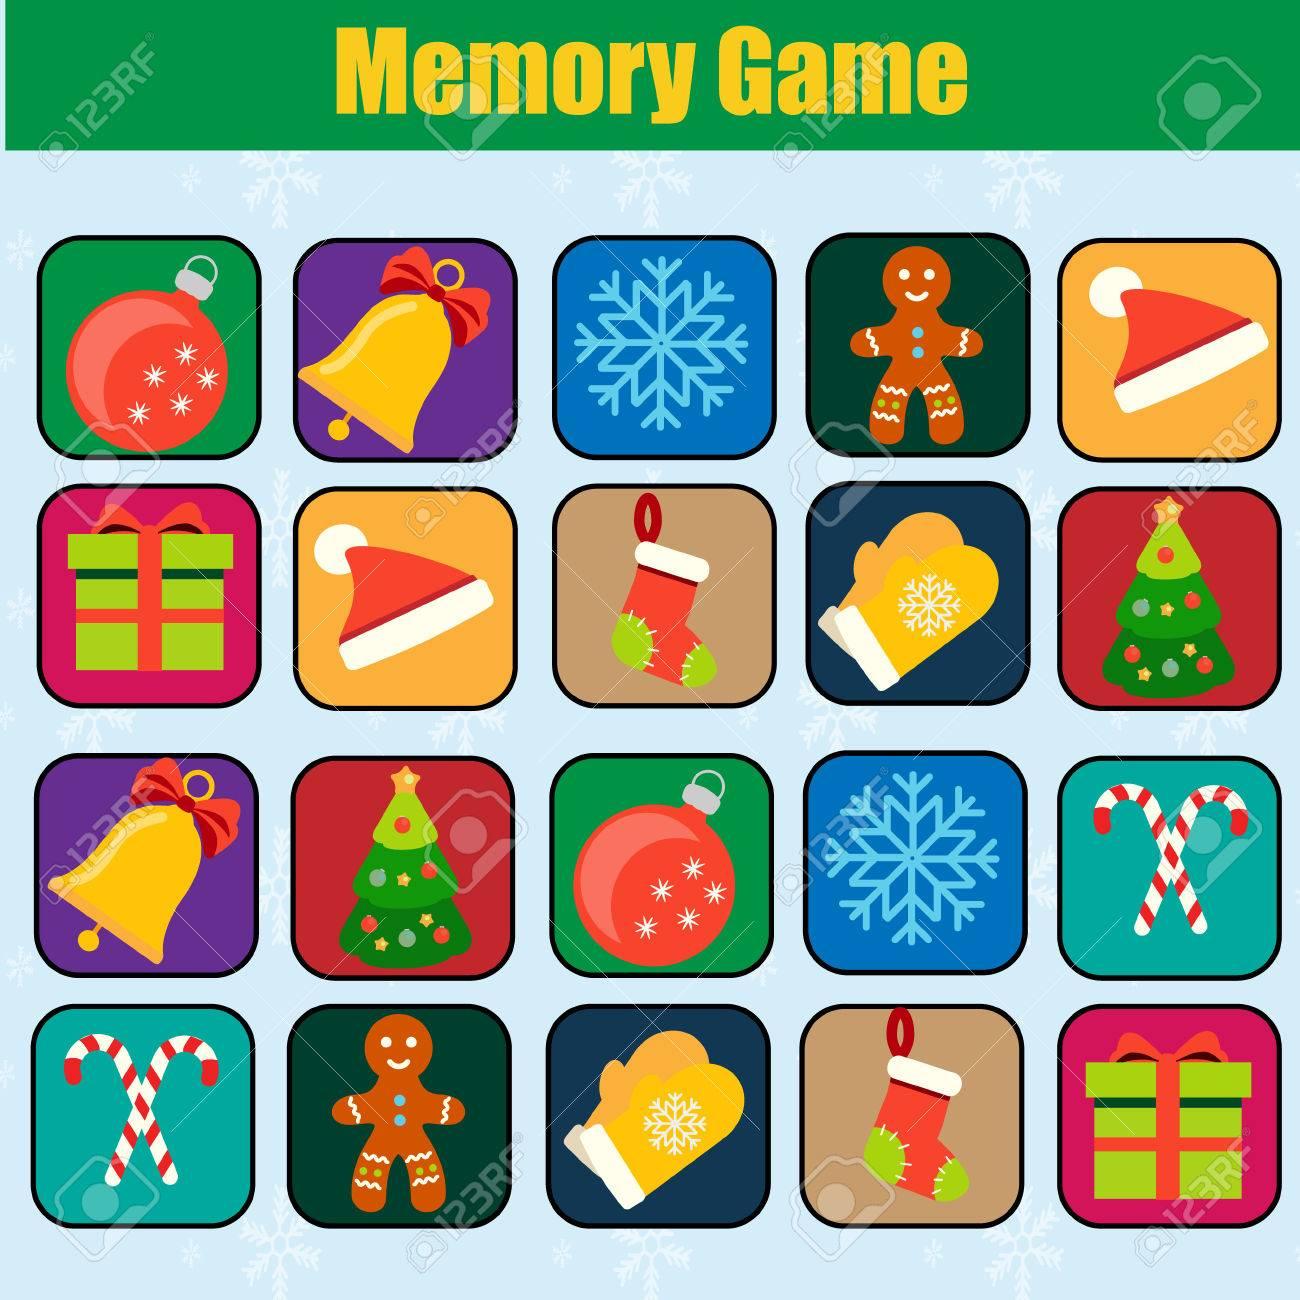 Juego De Memoria Navidad Ano Nuevo Tema De Vacaciones De Invierno